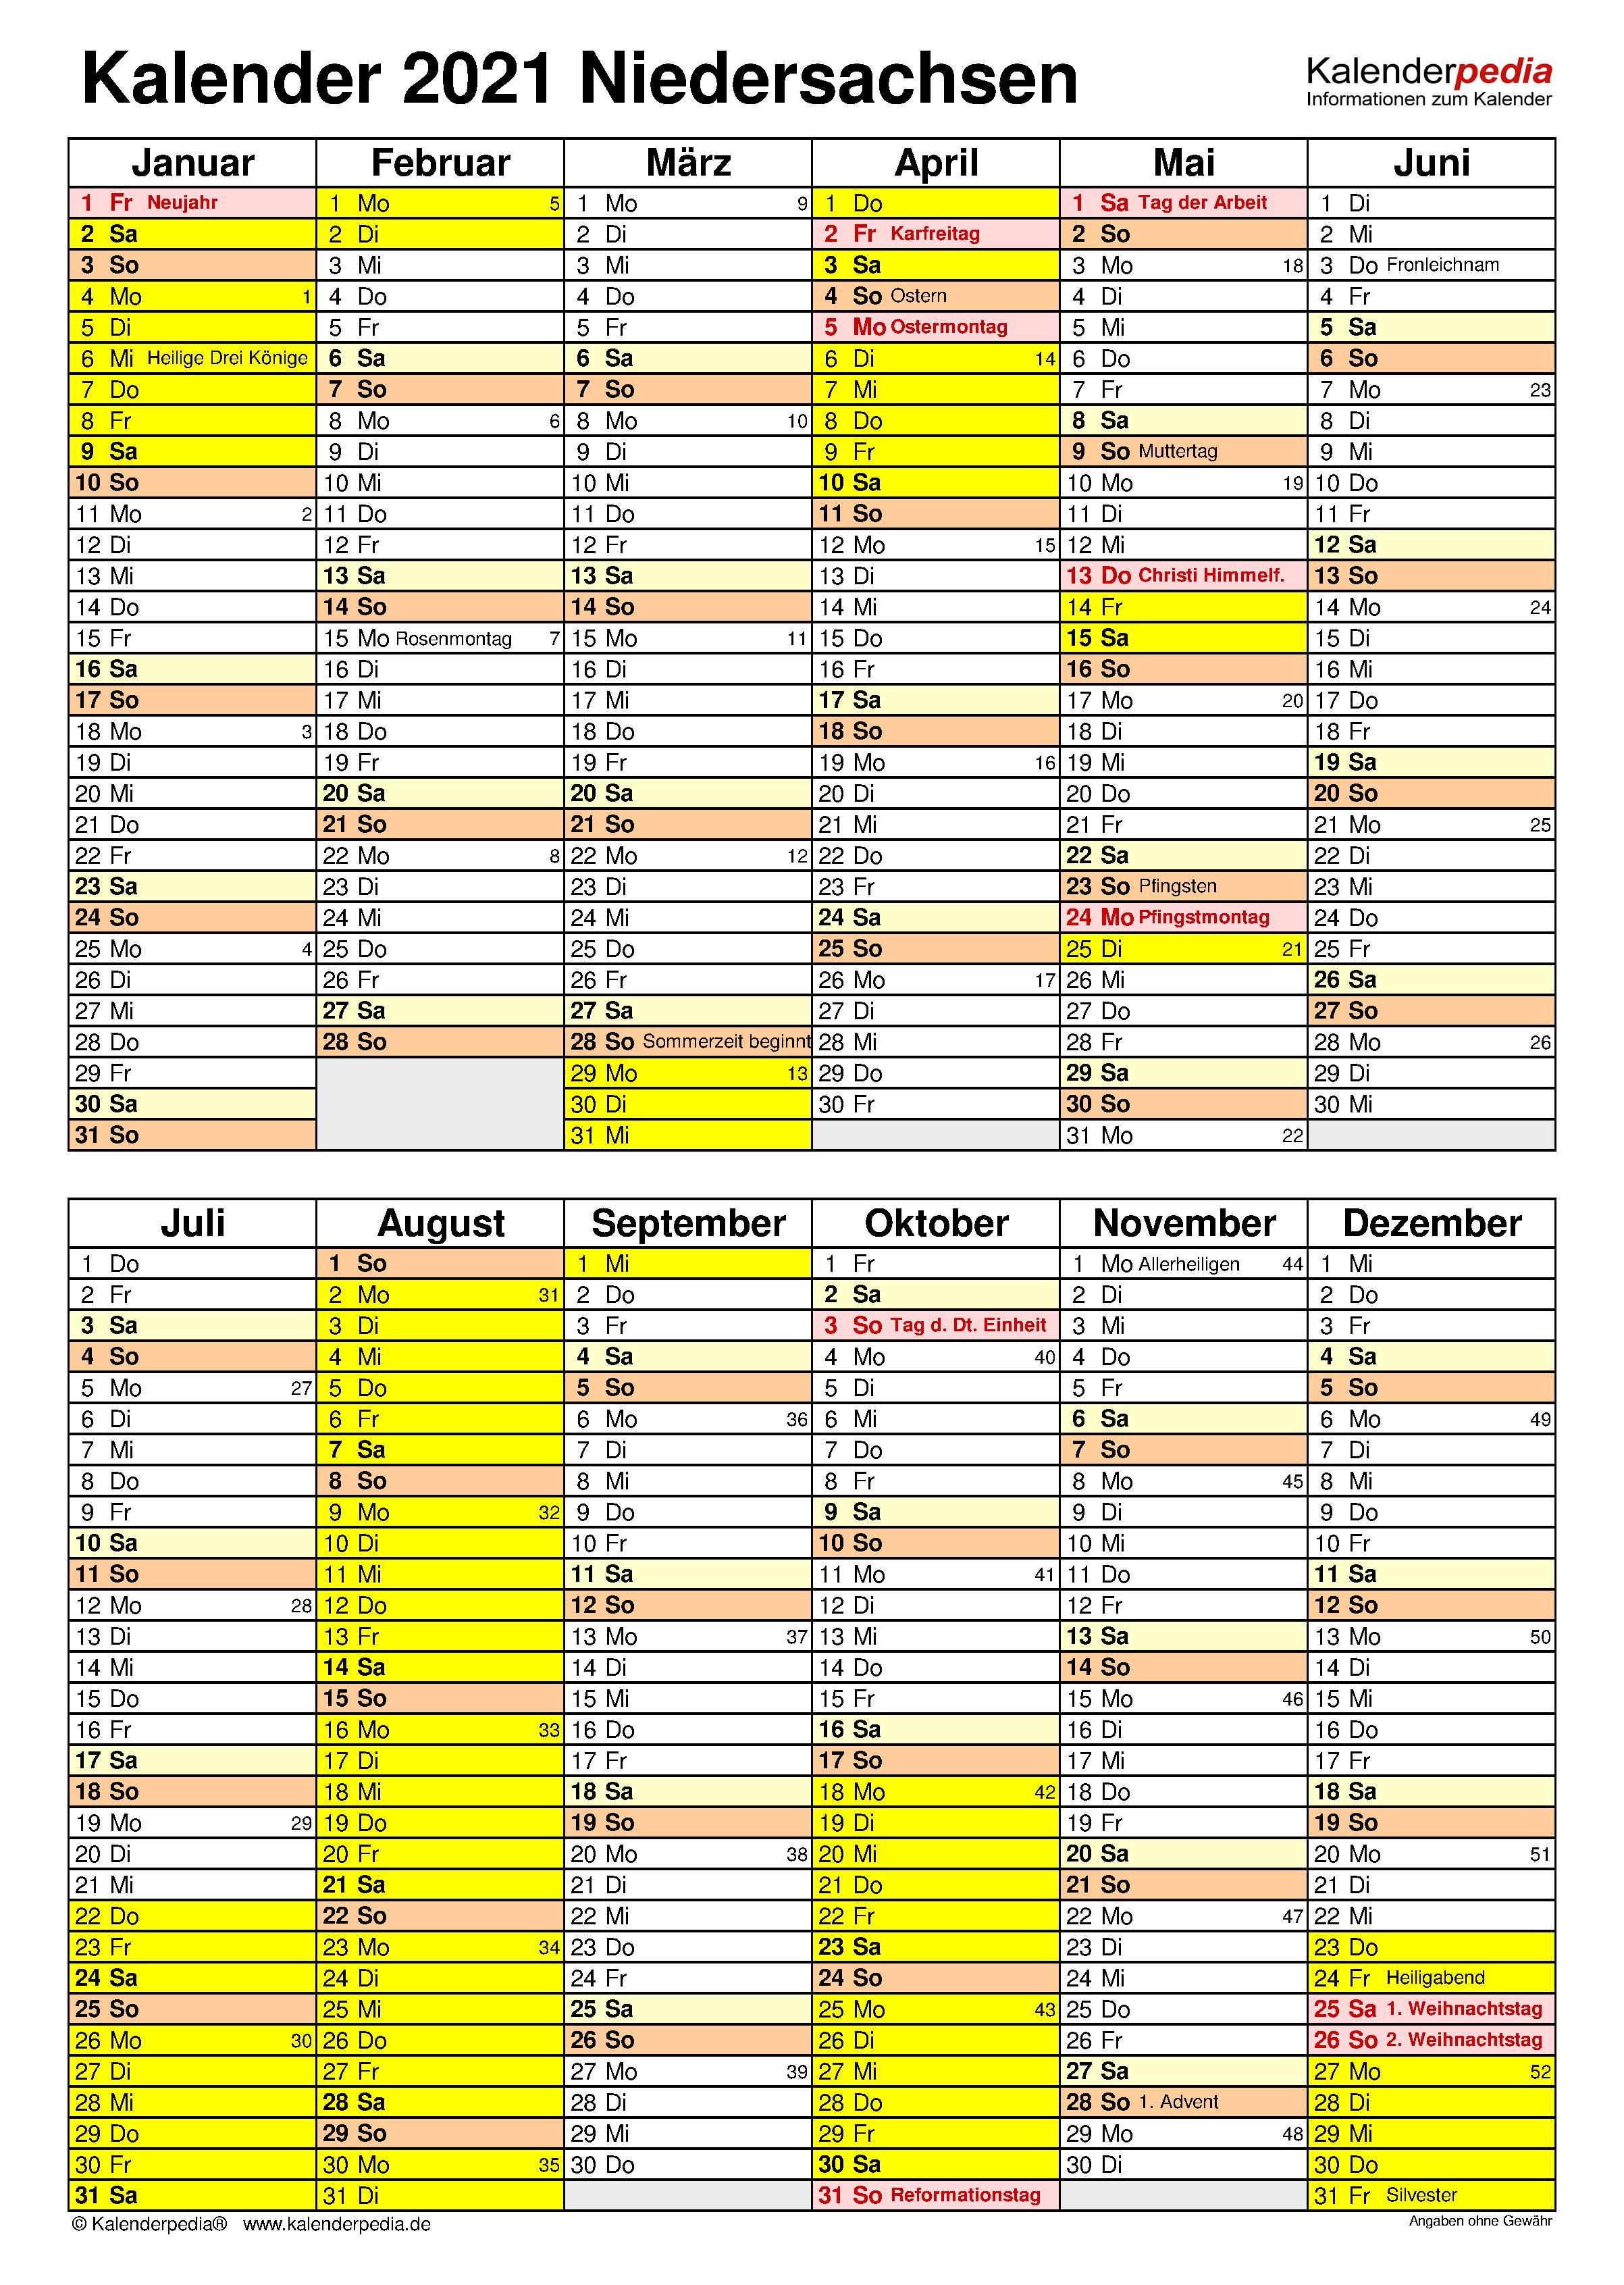 Kalender 2021 Niedersachsen: Ferien, Feiertage, Word-Vorlagen